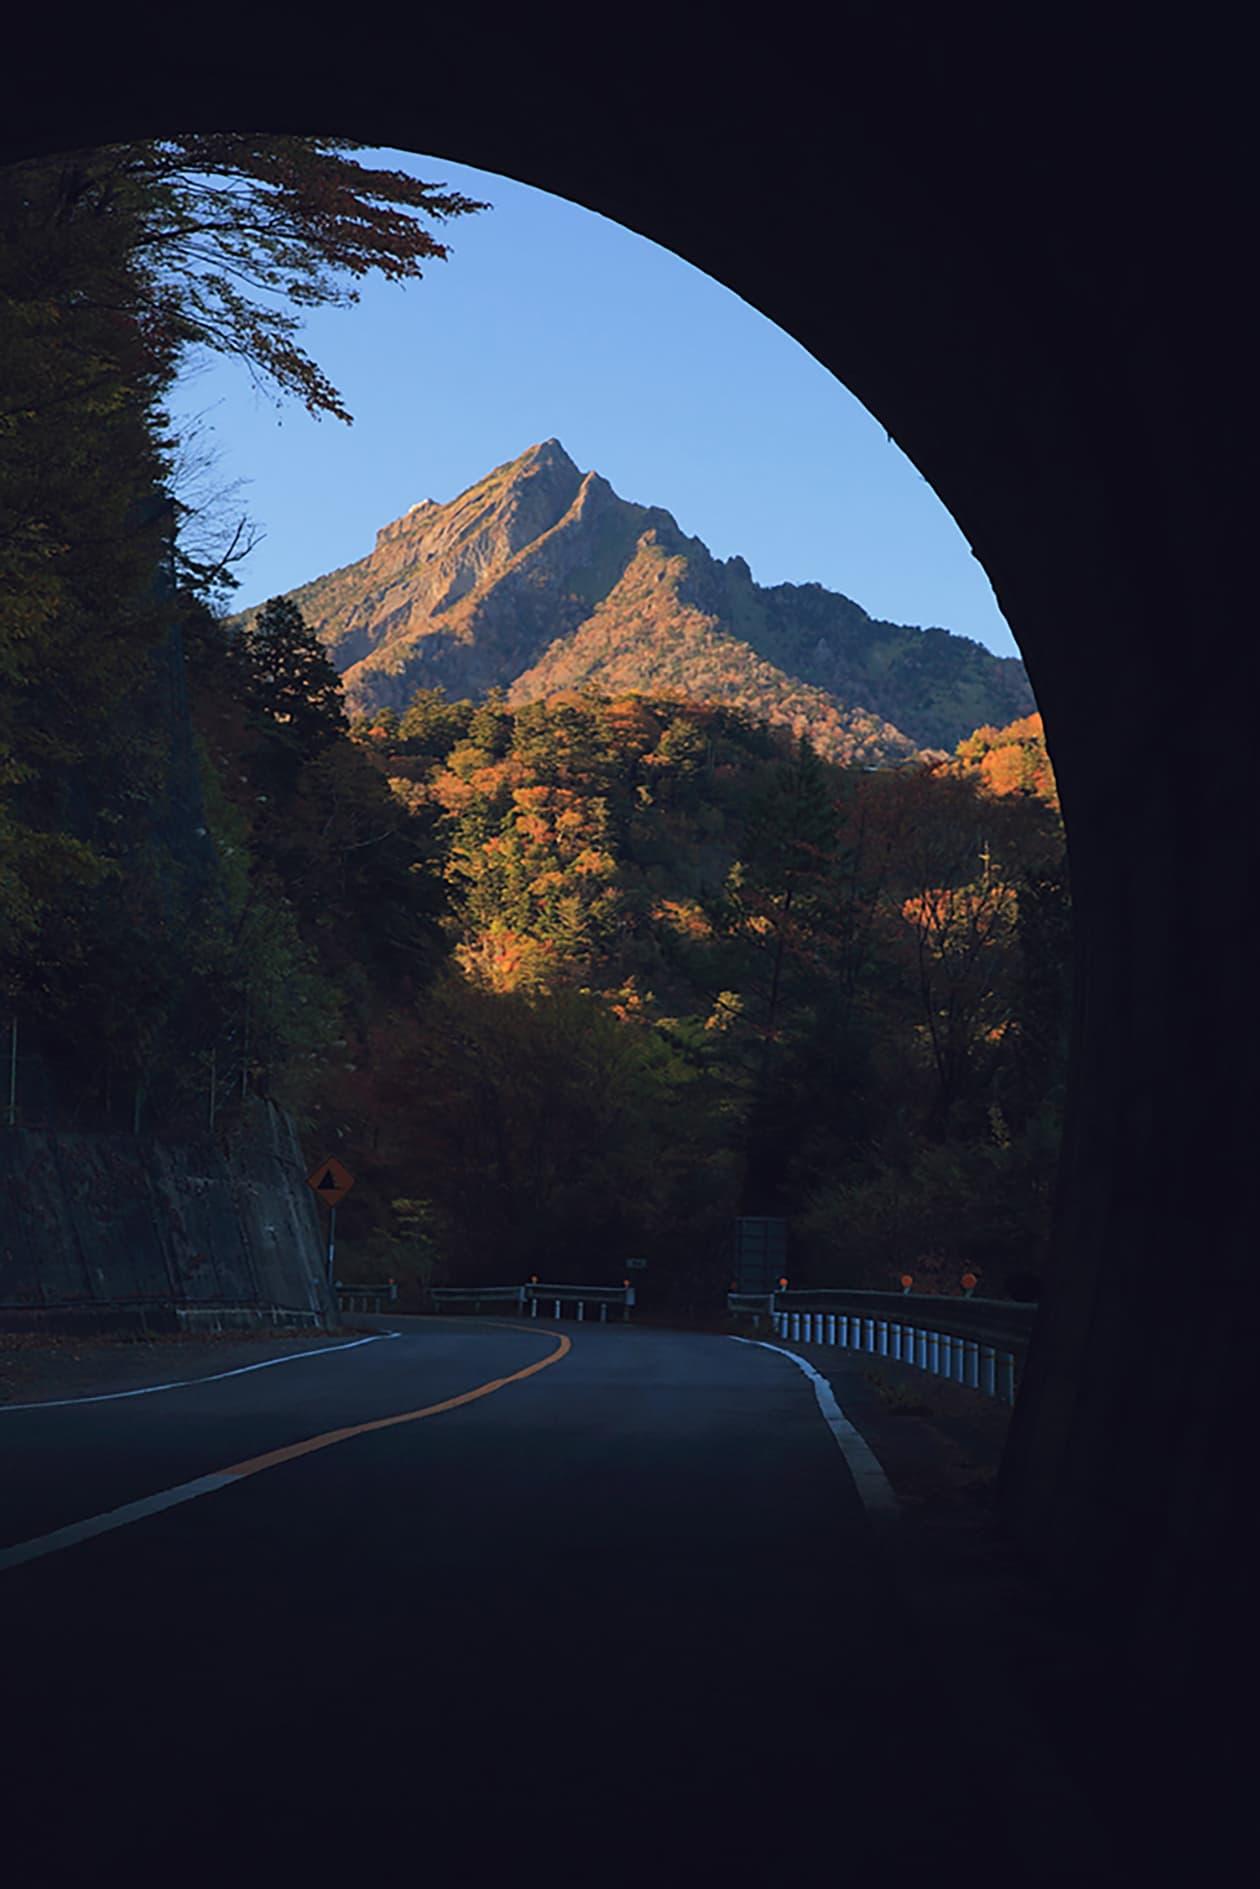 石缒环山路